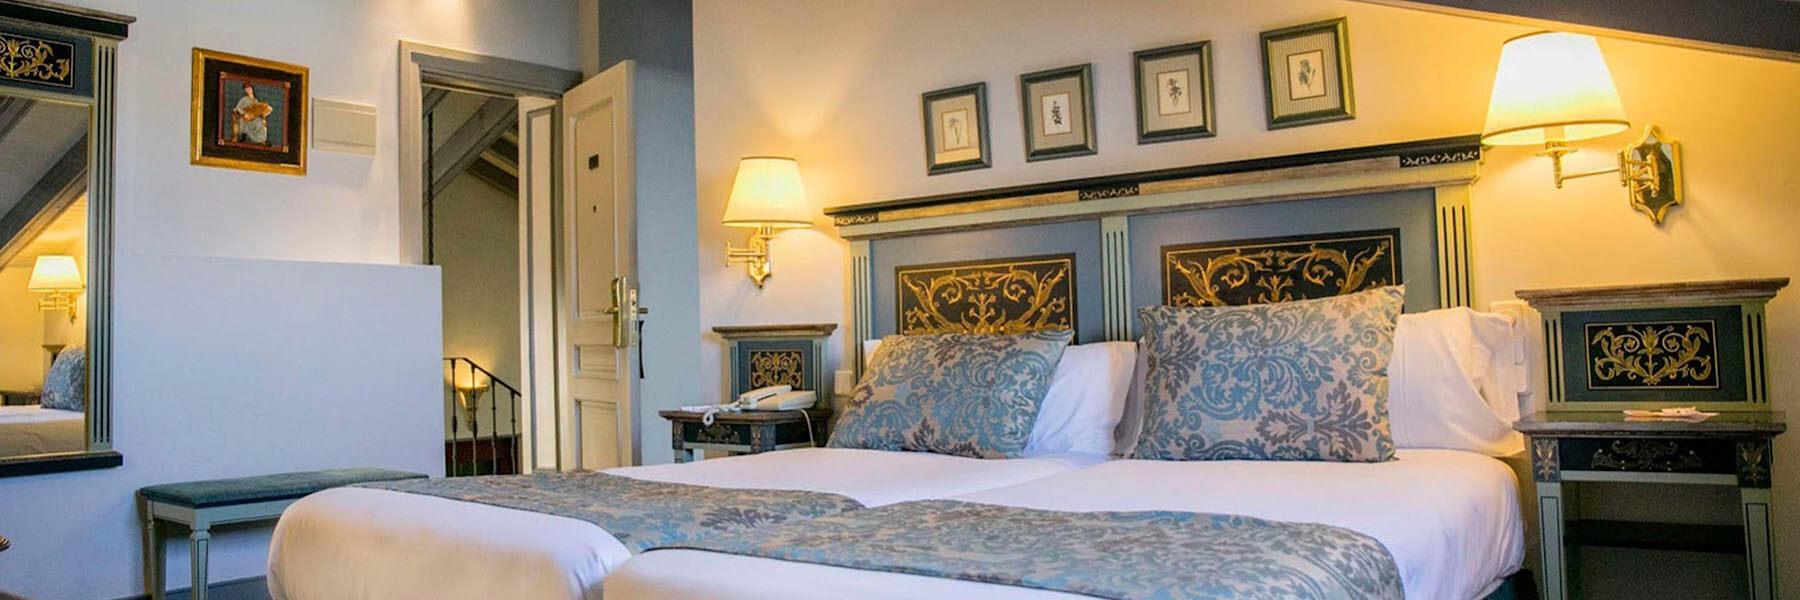 Hotel Palaciode los Velada